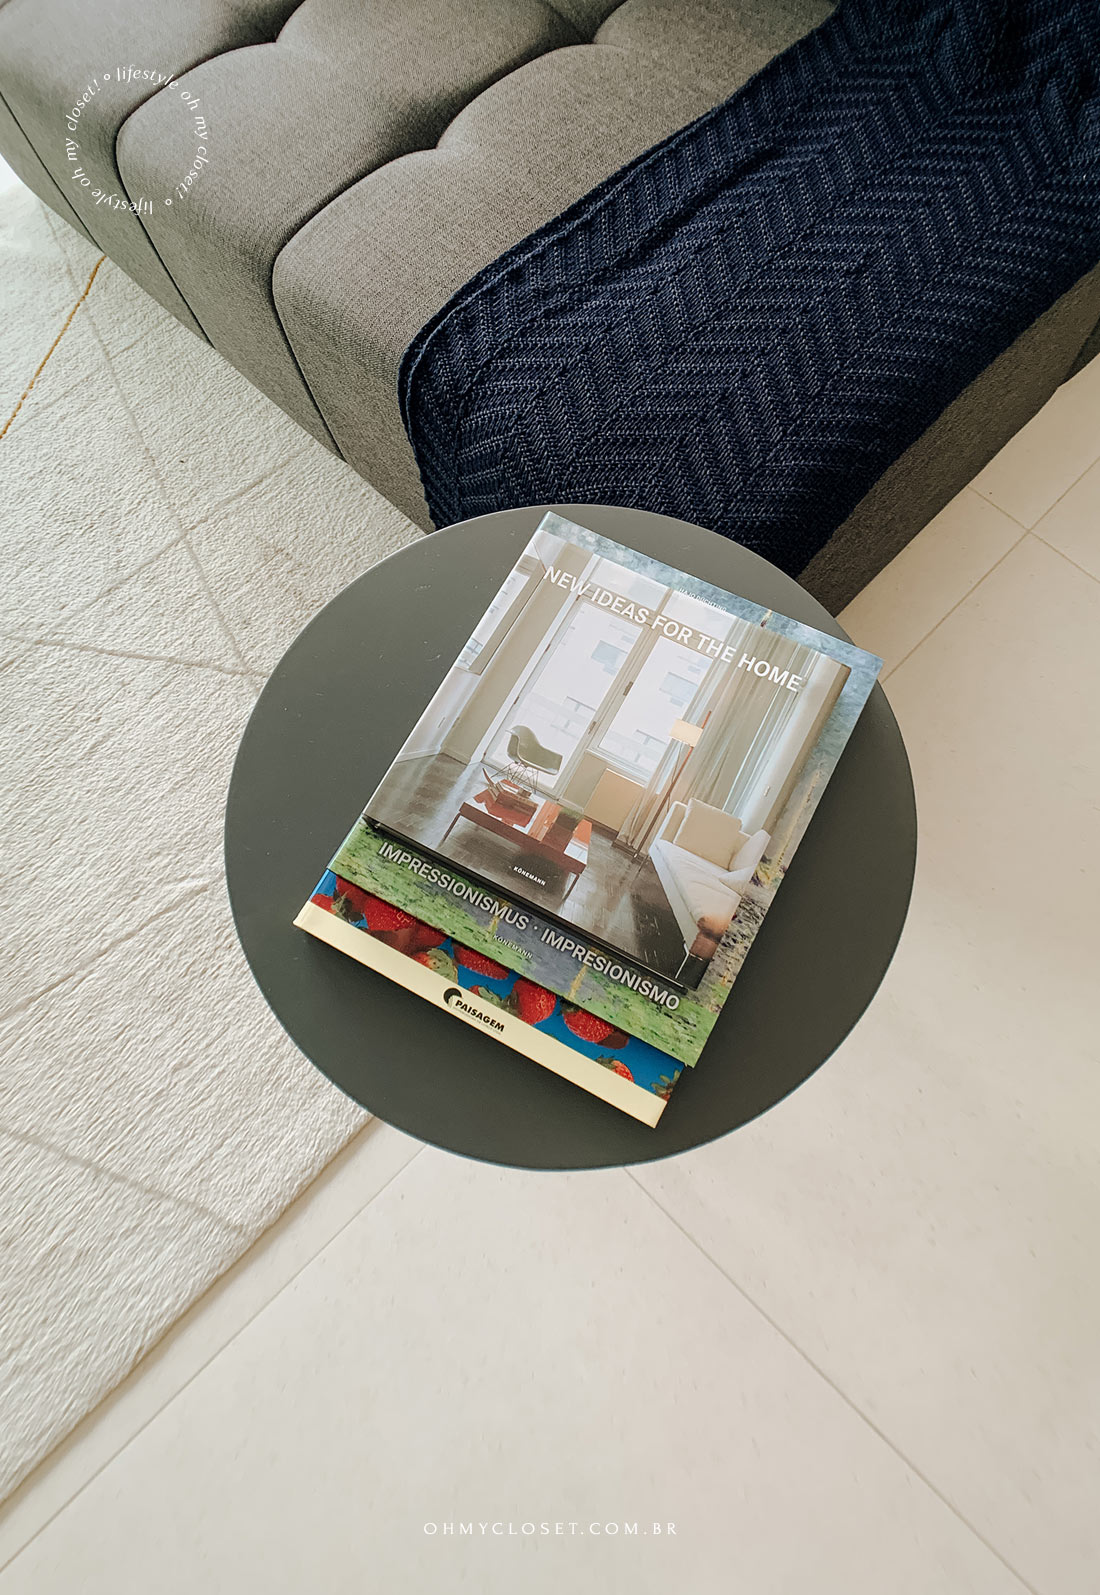 Revistas e livros no estudio da Casai no Itaim Bibi.